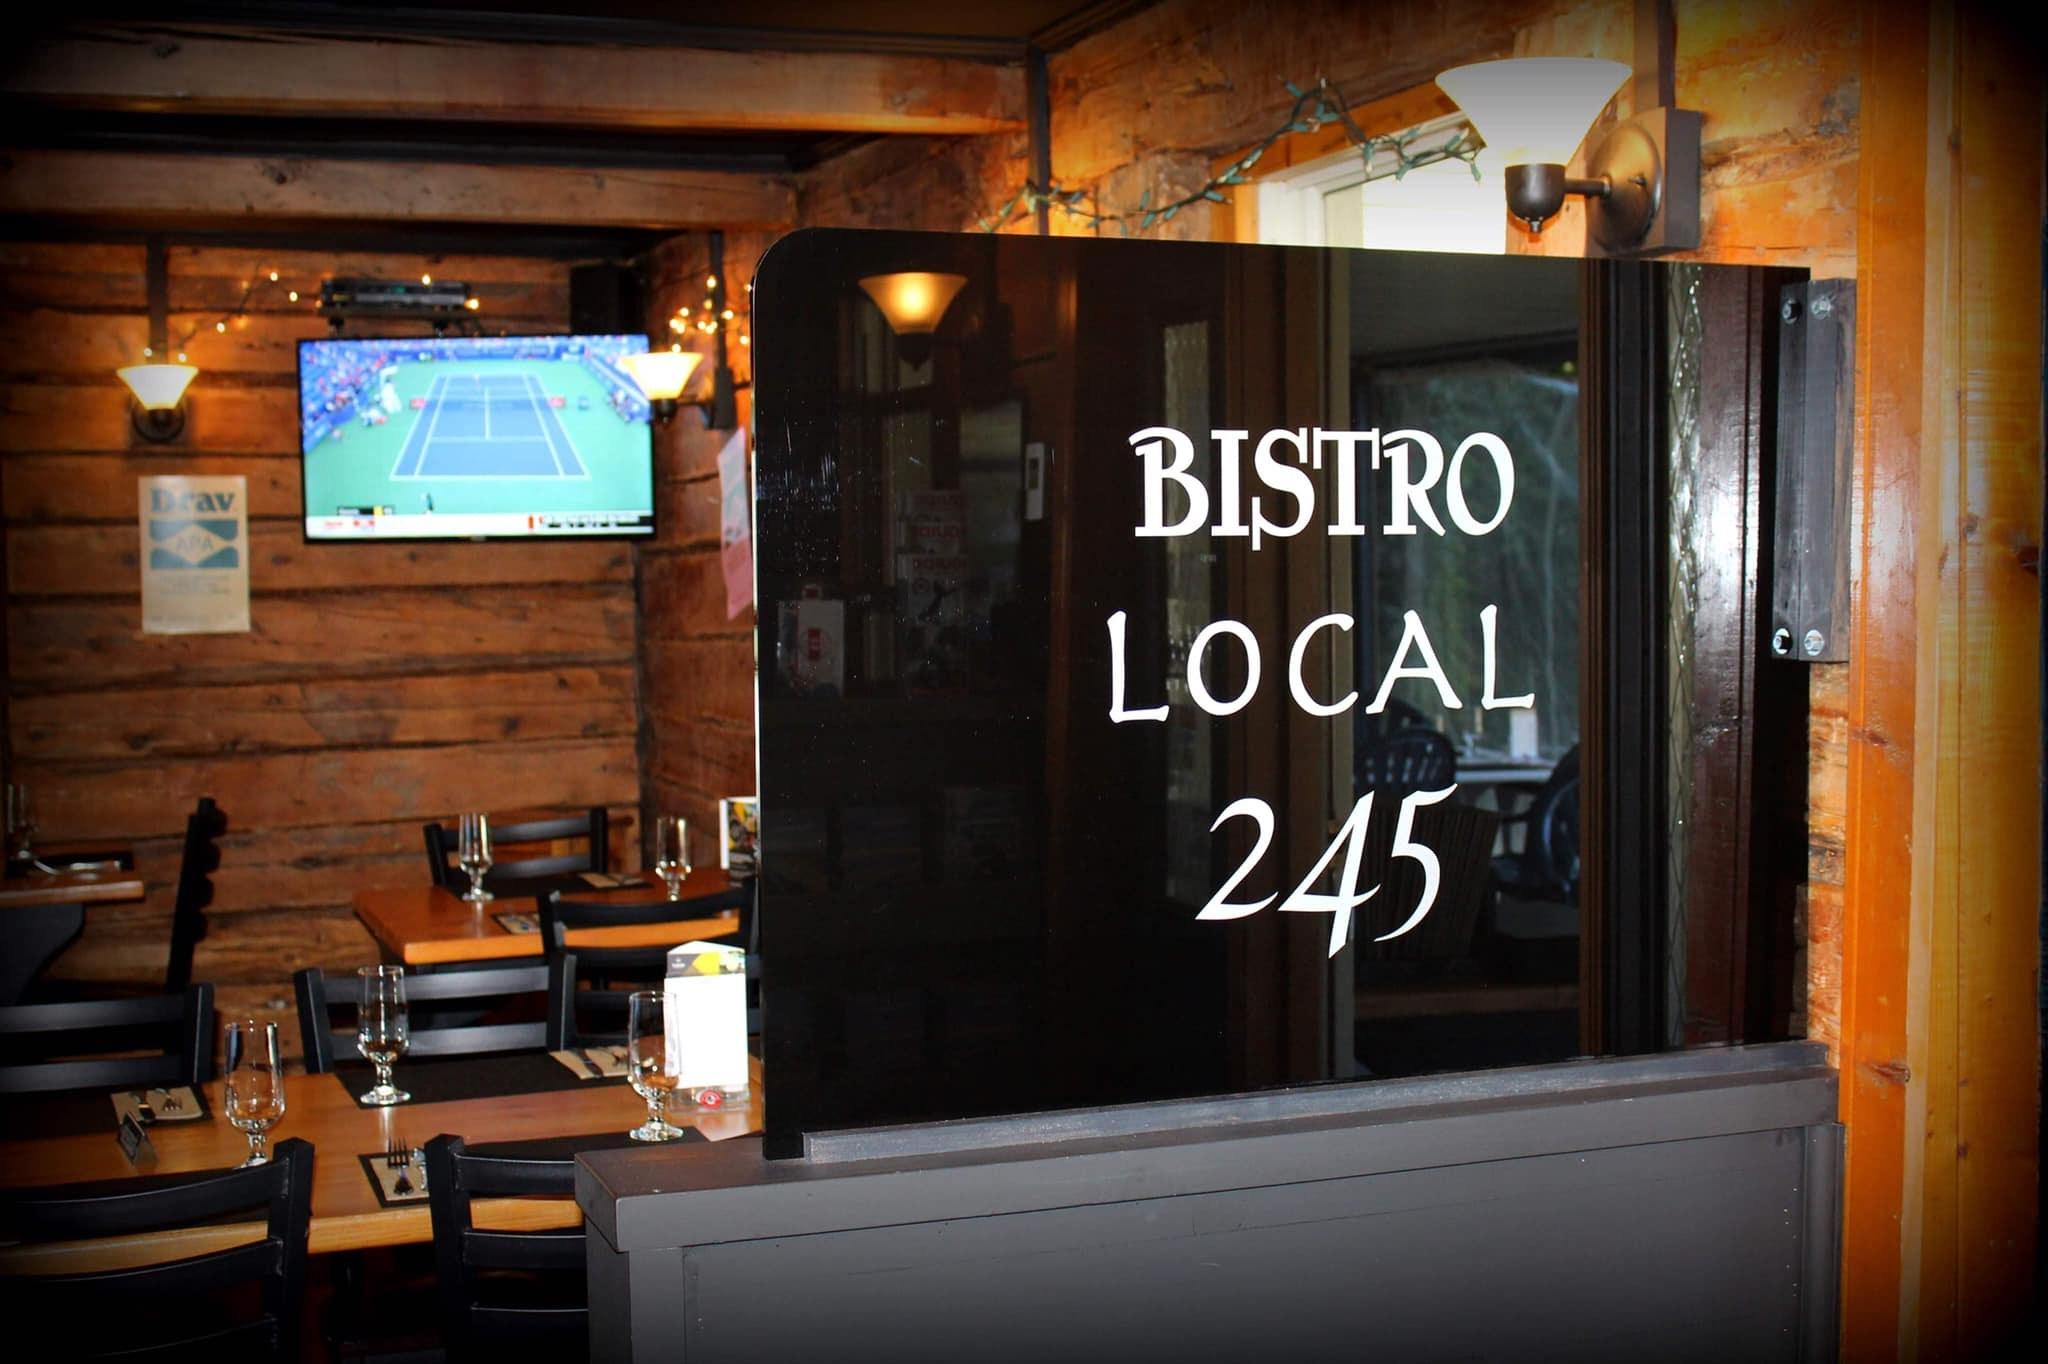 bistro-local-245